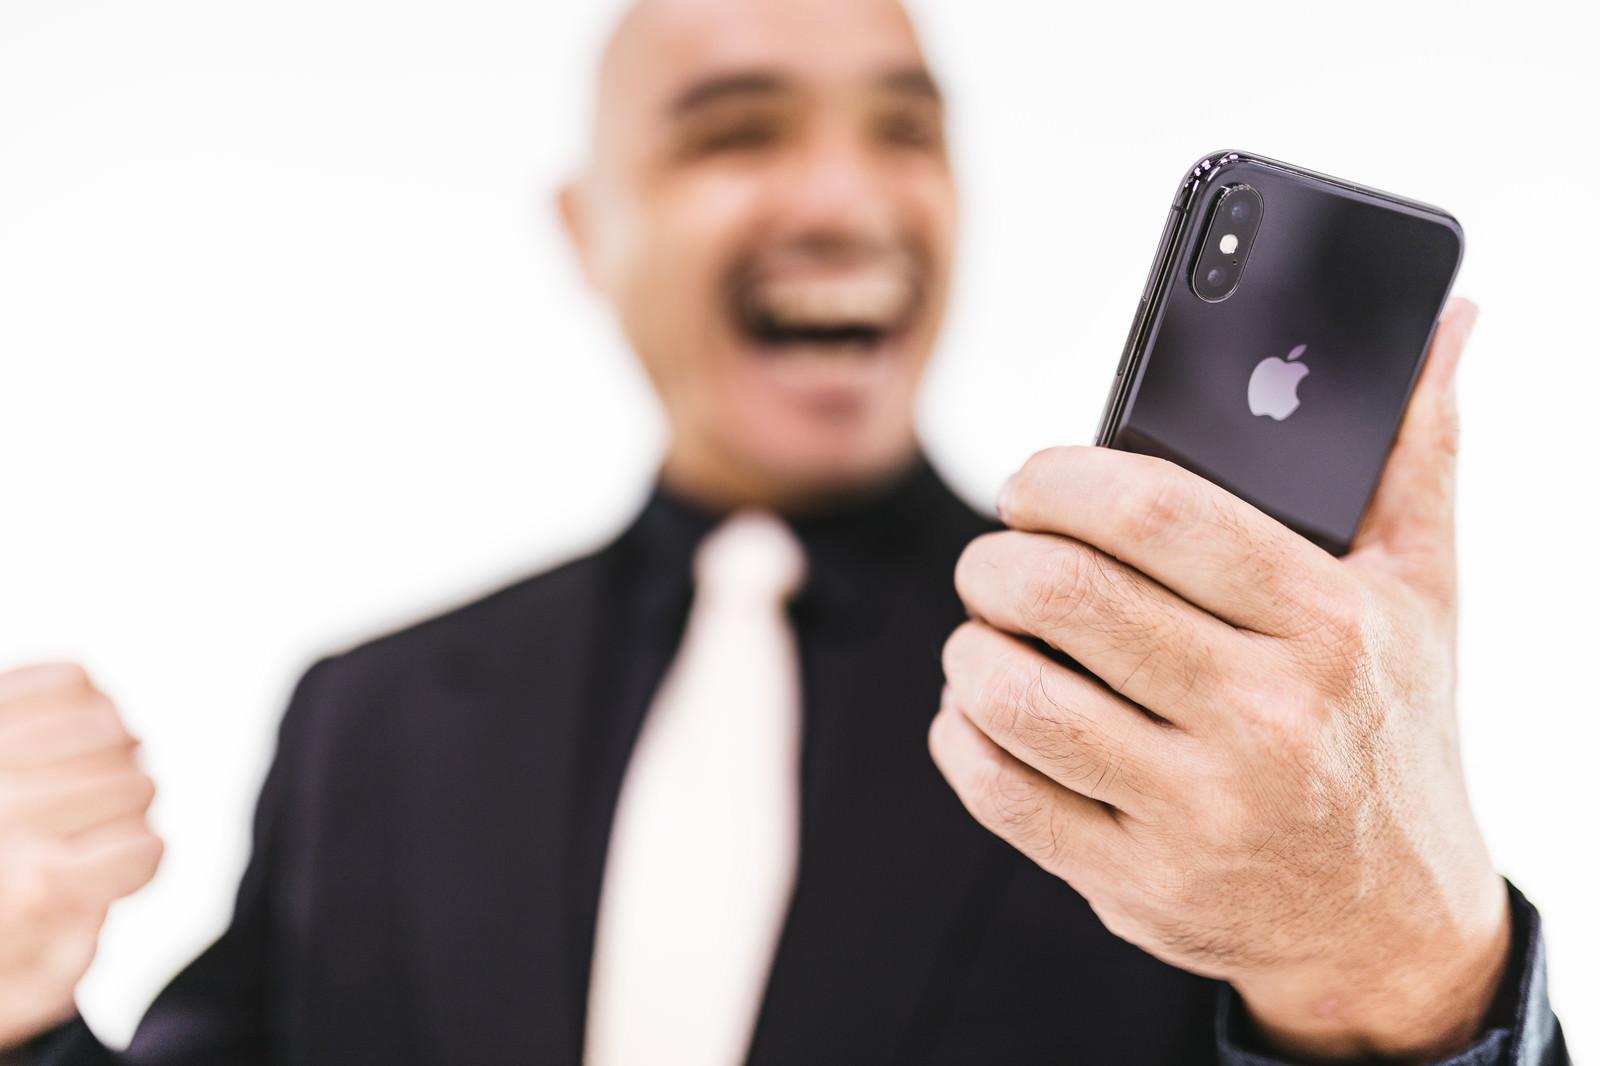 「スマホを見て歓喜する強面のおっさん」の写真[モデル:よたか]